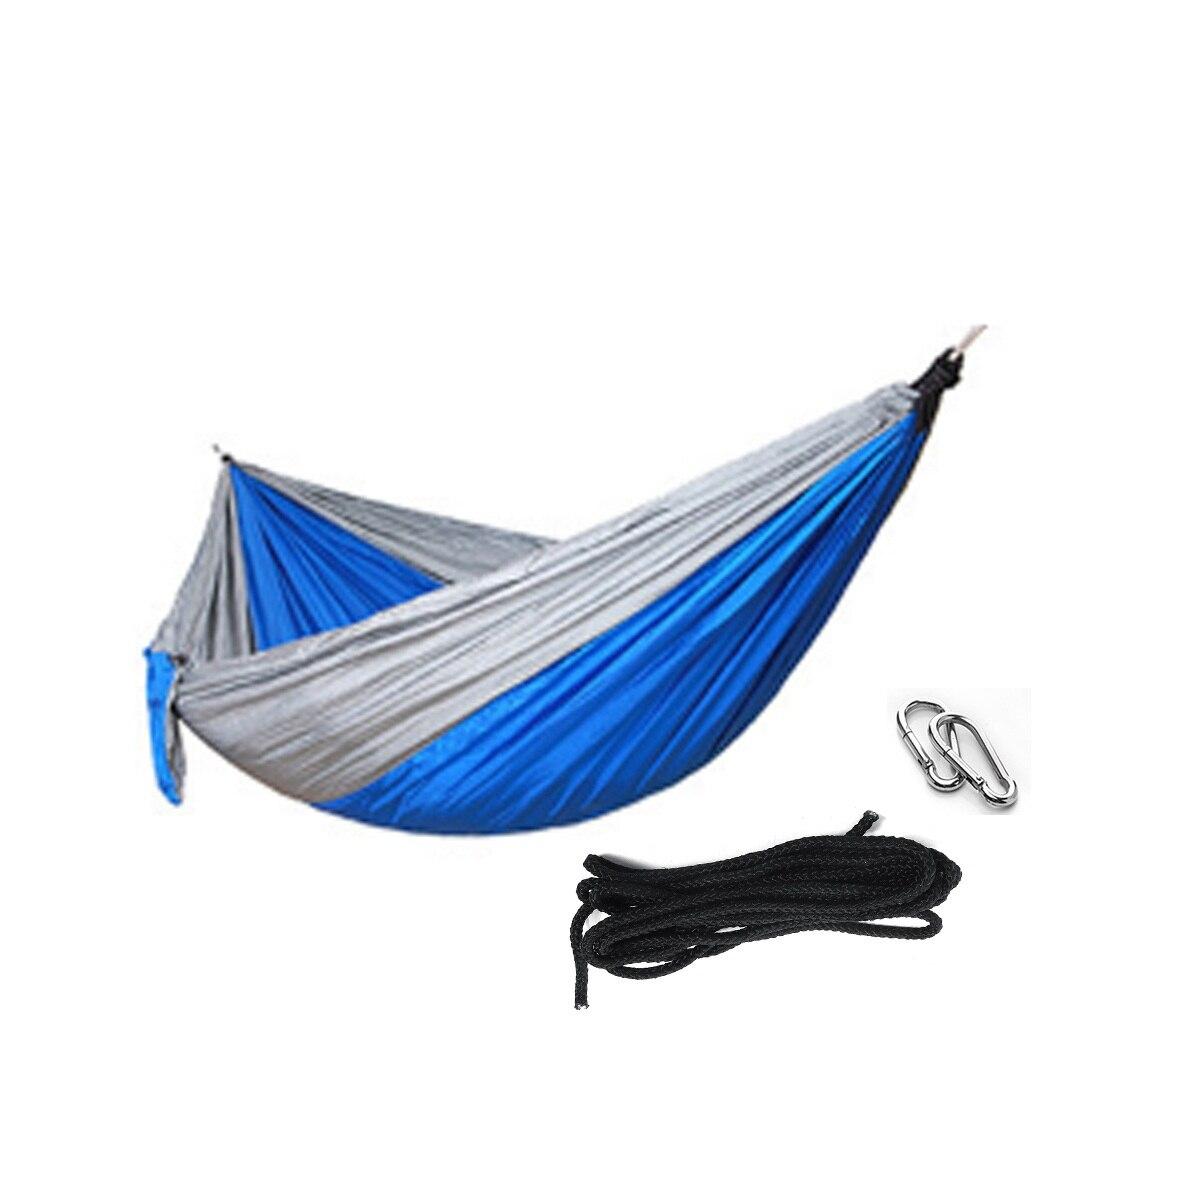 غاري والأزرق أرجوحة في الهواء الطلق أثاث المنزل حديقة معلقة كرسي واحد مزدوج السفر التخييم أرجوحة سرير أرجوحة